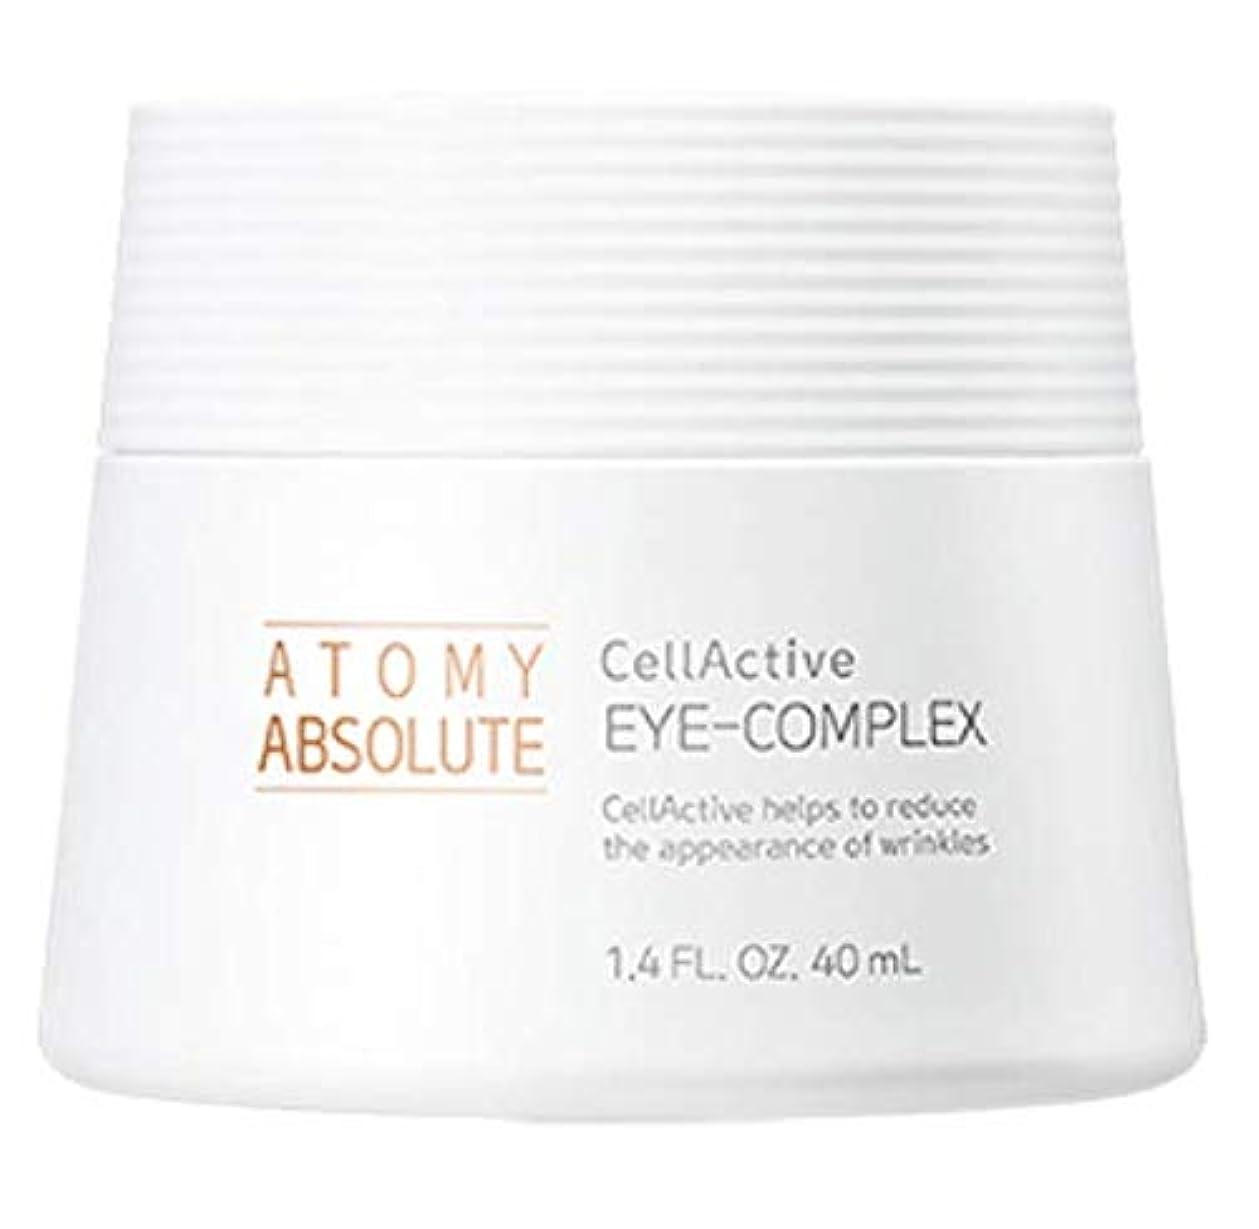 磨かれた急襲五十アトミエイソルート セレクティブ アイクリームAtomy Celective Absolute Eye-Complex 40ml [並行輸入品]